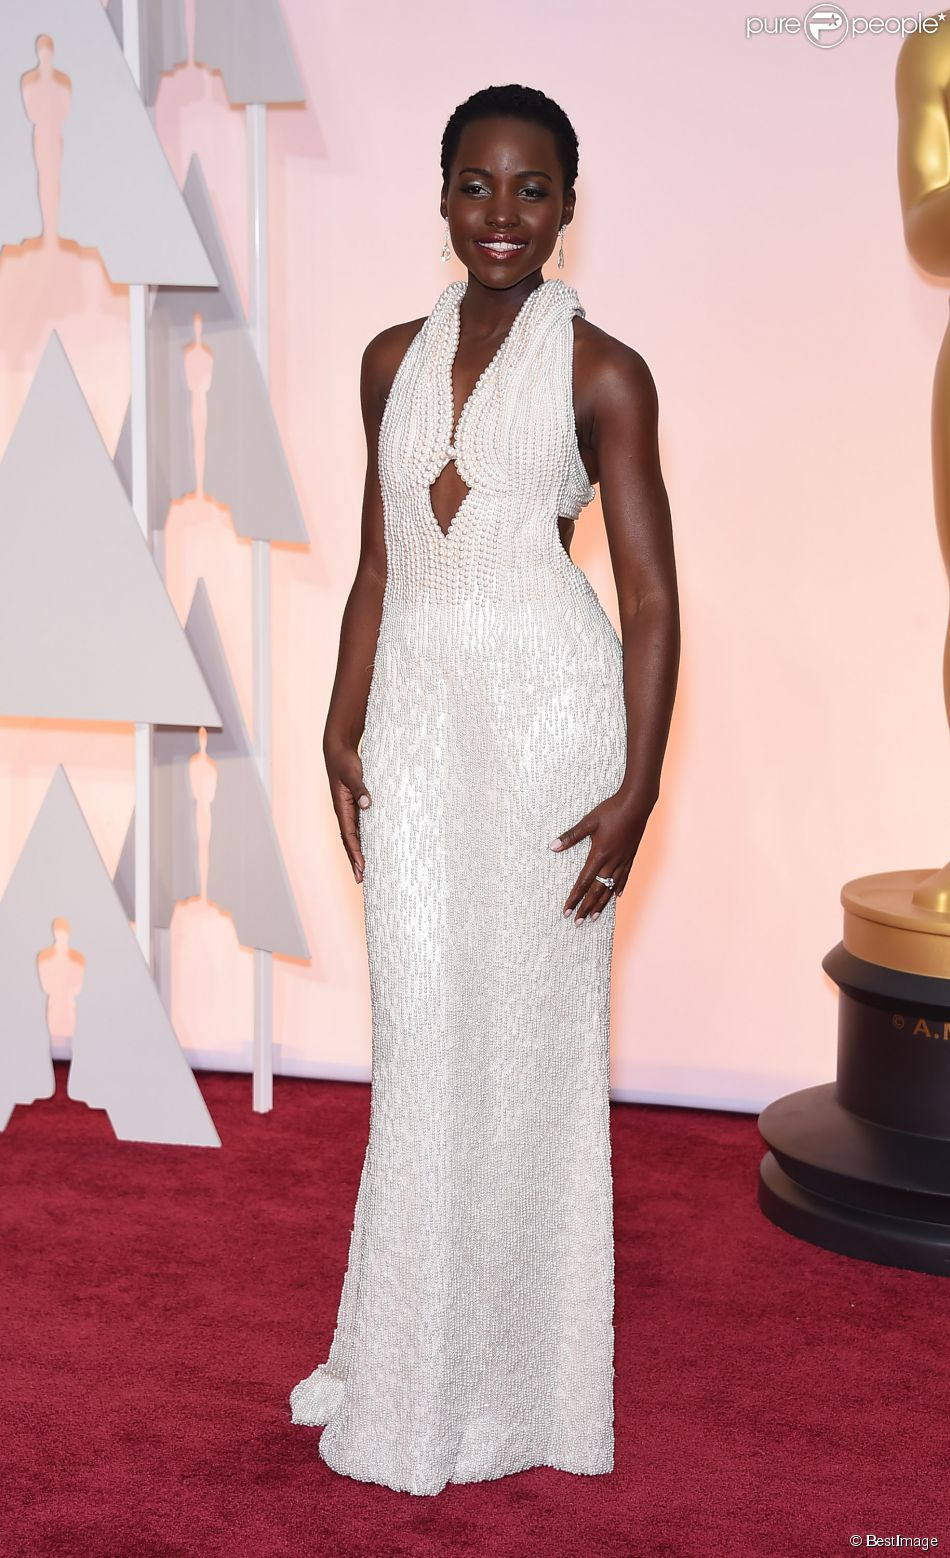 Lupita Nyong'o à la 87ème cérémonie des Oscars à Hollywood le 22 février 2015 23 February 2015.